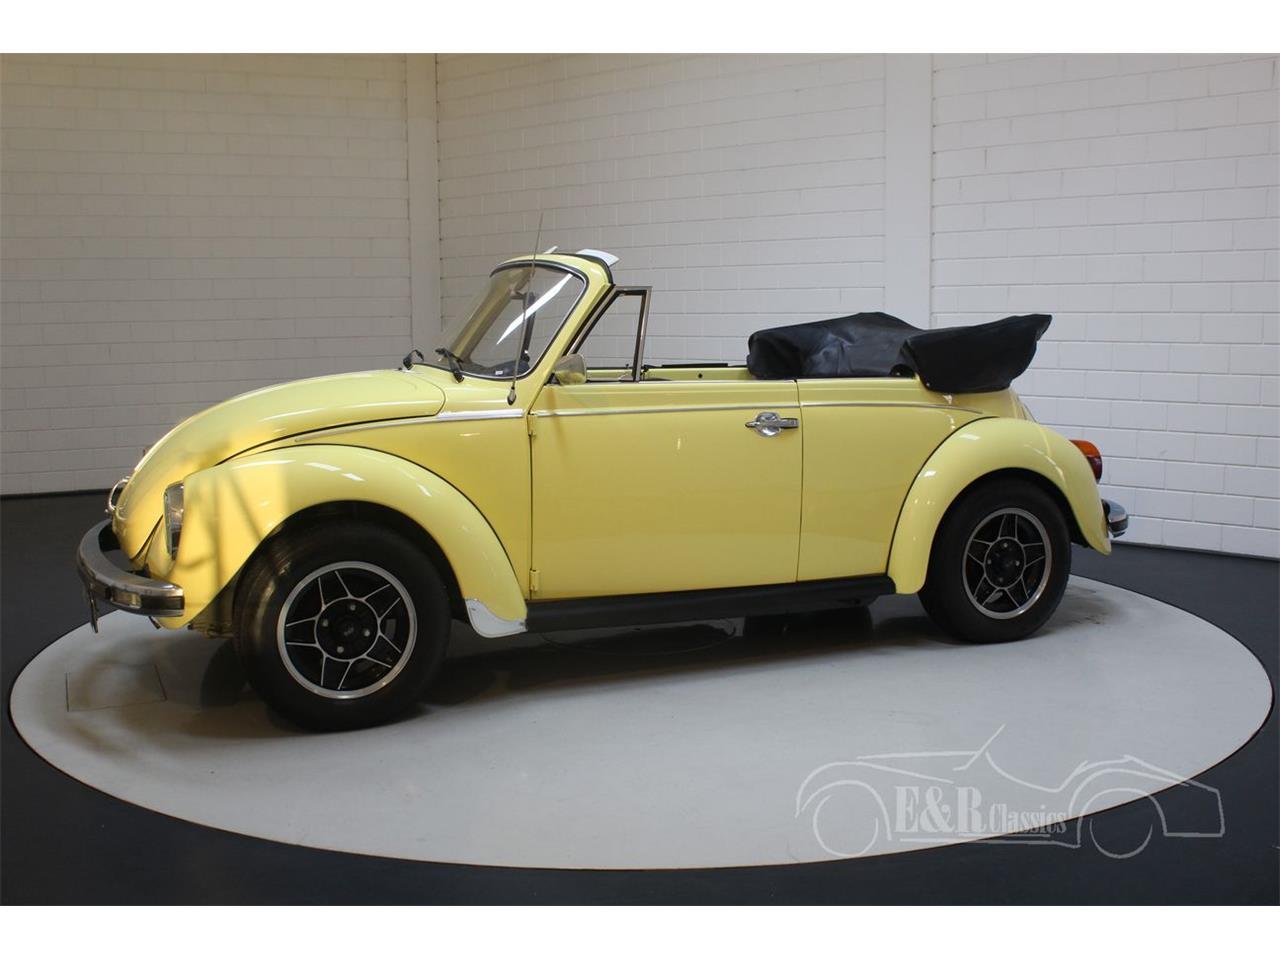 1975 Volkswagen Beetle (CC-1233684) for sale in Waalwijk, noord brabant